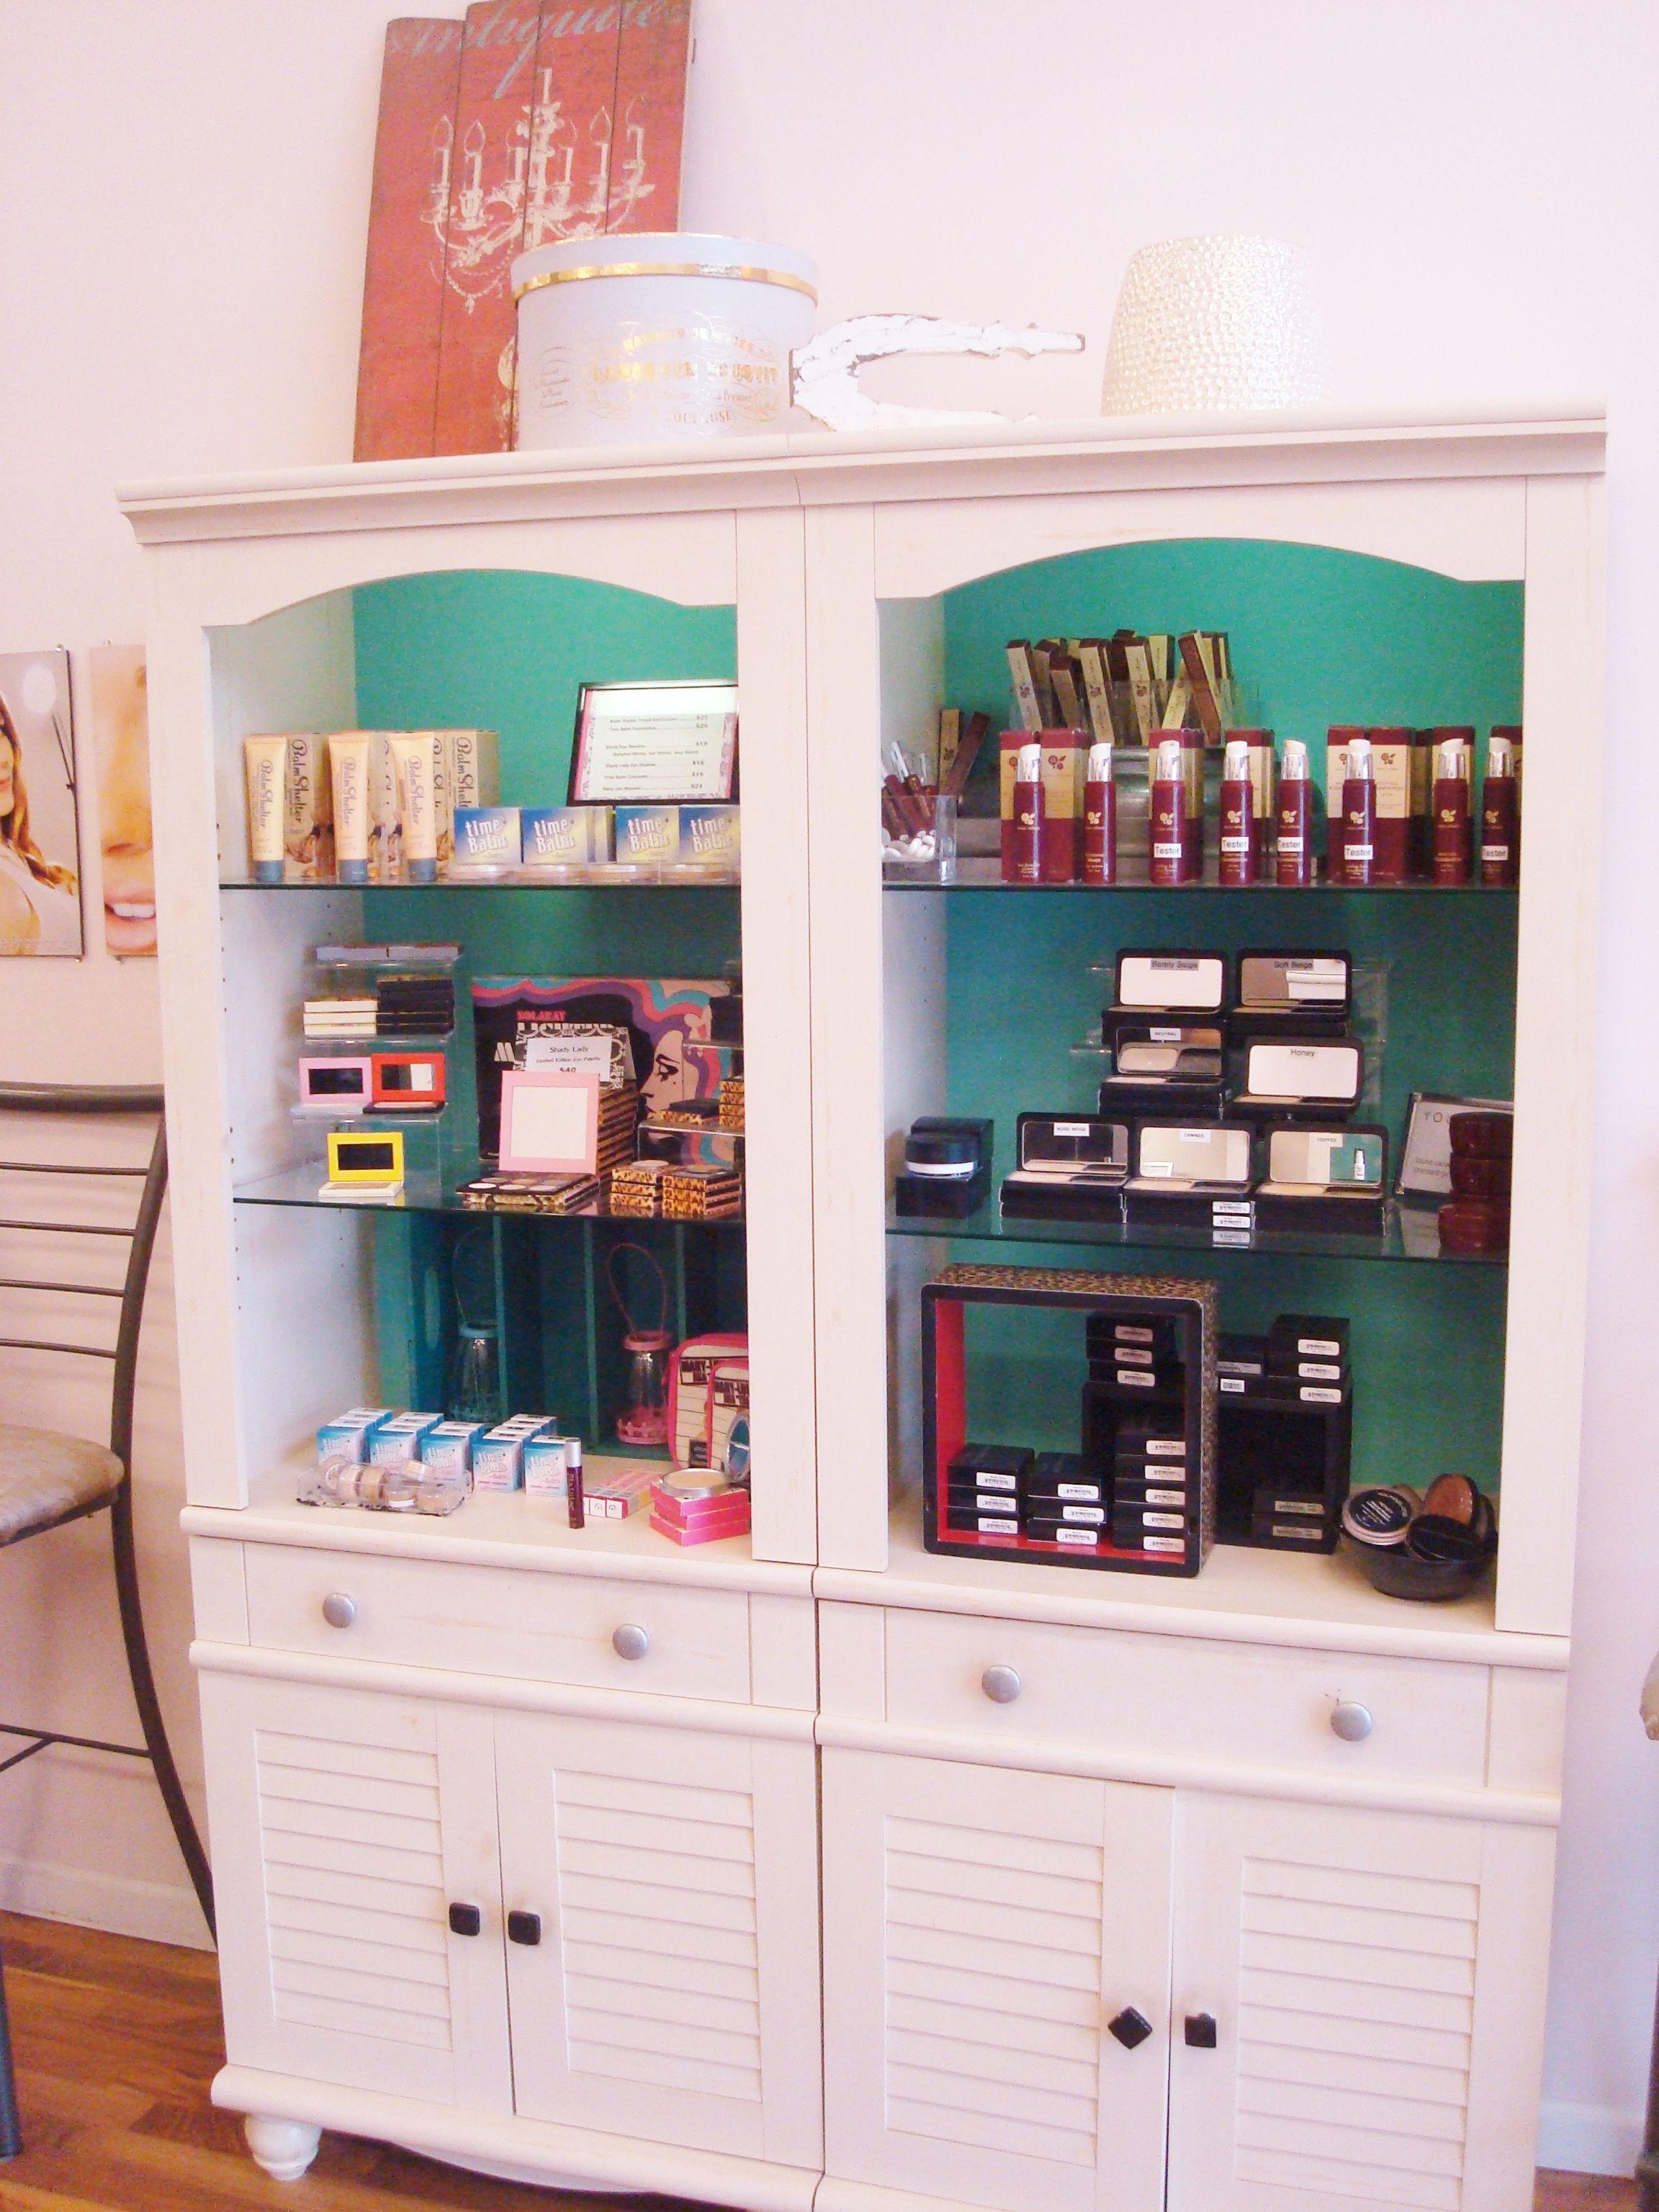 Fun Makeup Displays, But Easy To Shop